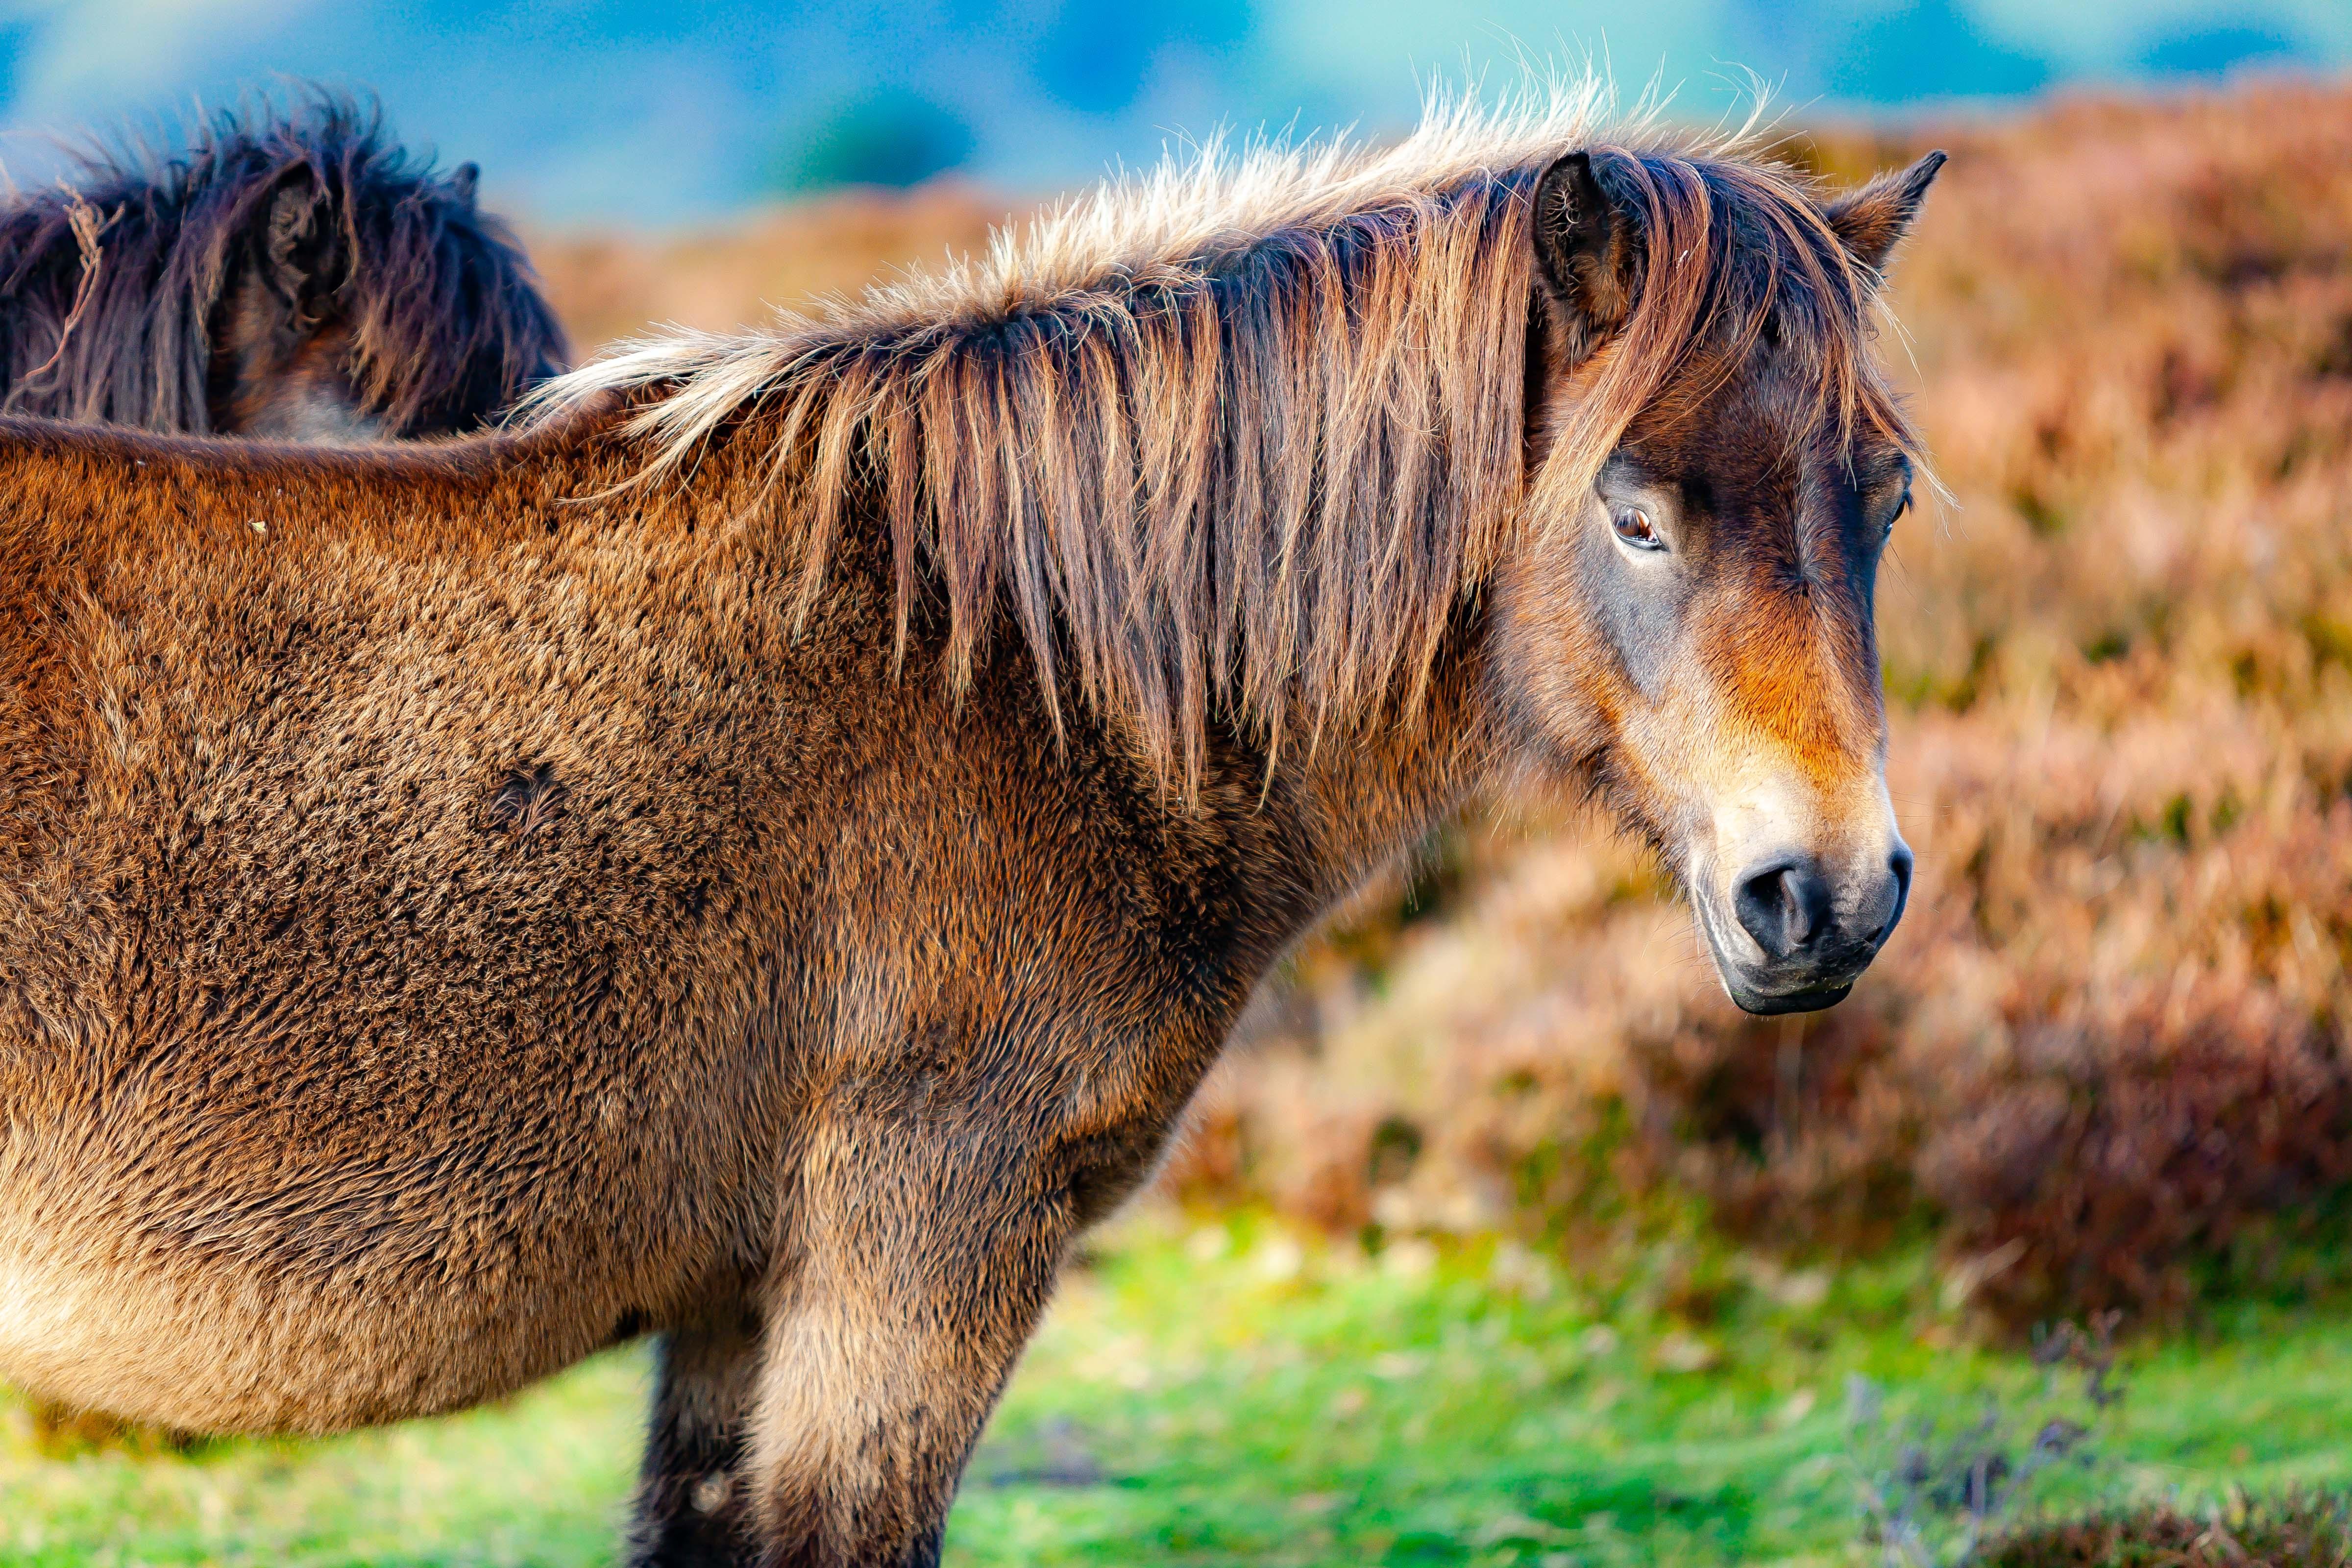 UK, Somerset Prov, Pony, 2009, IMG 4736